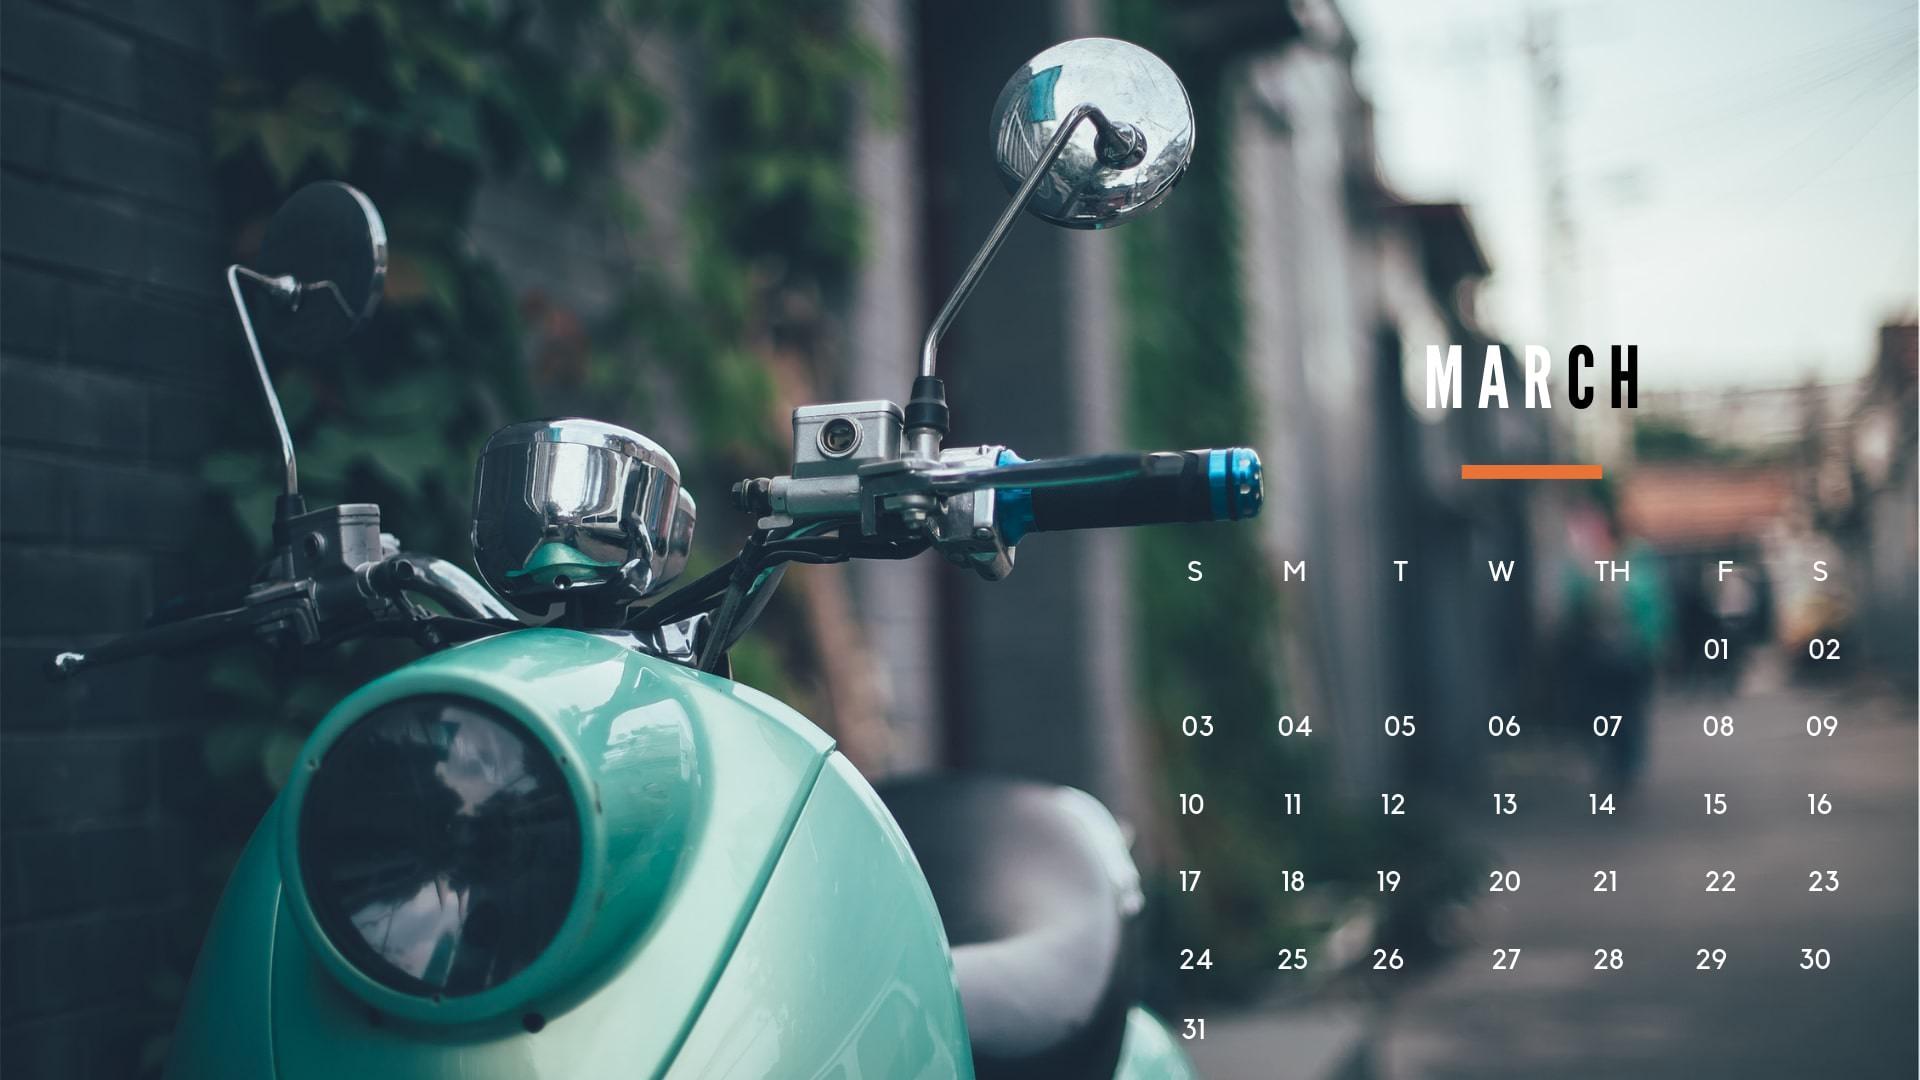 Widescreen March 2019 Calendar Wallpaper   Album on Imgur 1920x1080